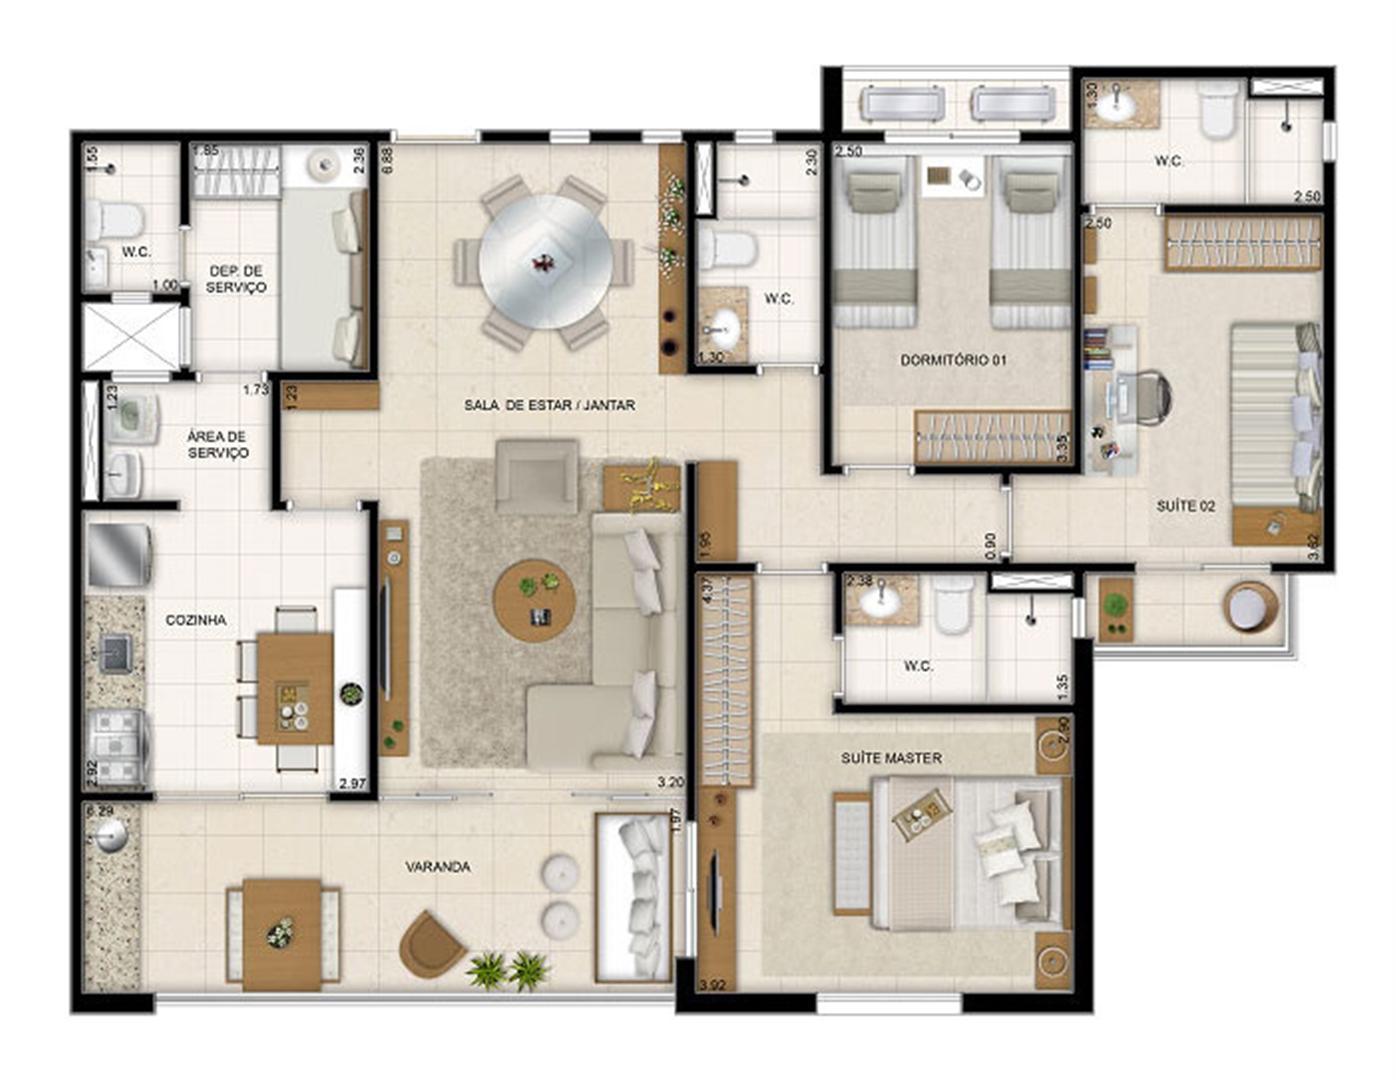 Perspectiva ilustrada da planta tipo Makani 113 m² | Mandara Kauai – Apartamento no  Porto das Dunas - Aquiraz - Ceará